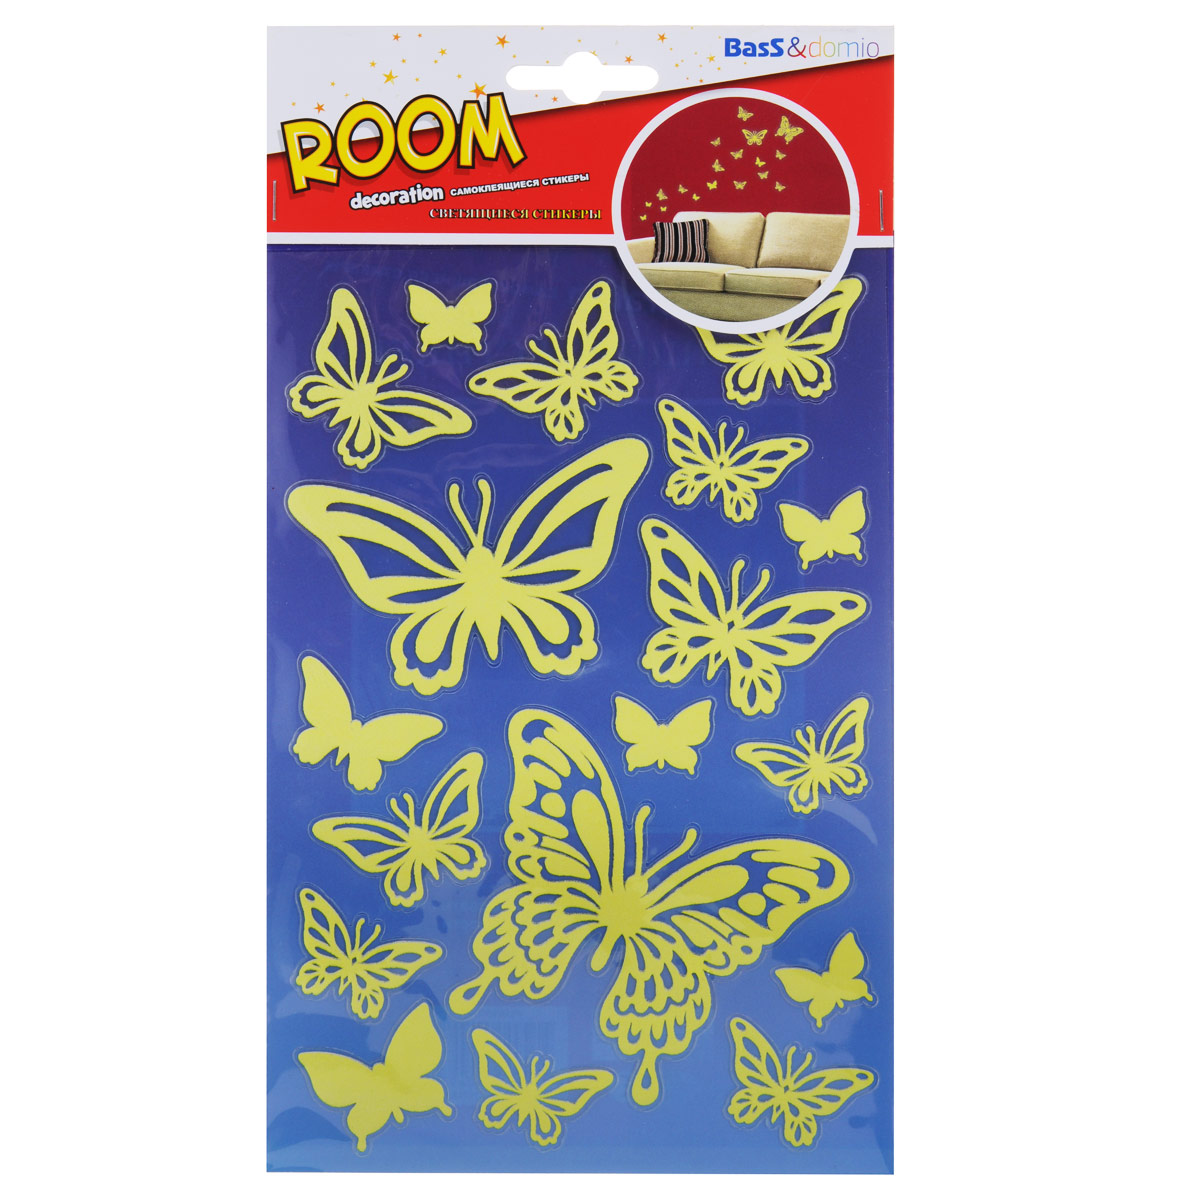 Наклейки для интерьера Room Decoration Бабочки, светящиеся, 21 х 14 смTHN132NУважаемые клиенты!Обращаем ваше внимание на возможные изменения в дизайне упаковки. Качественные характеристики товара остаются неизменными. Поставка осуществляется в зависимости от наличия на складе.